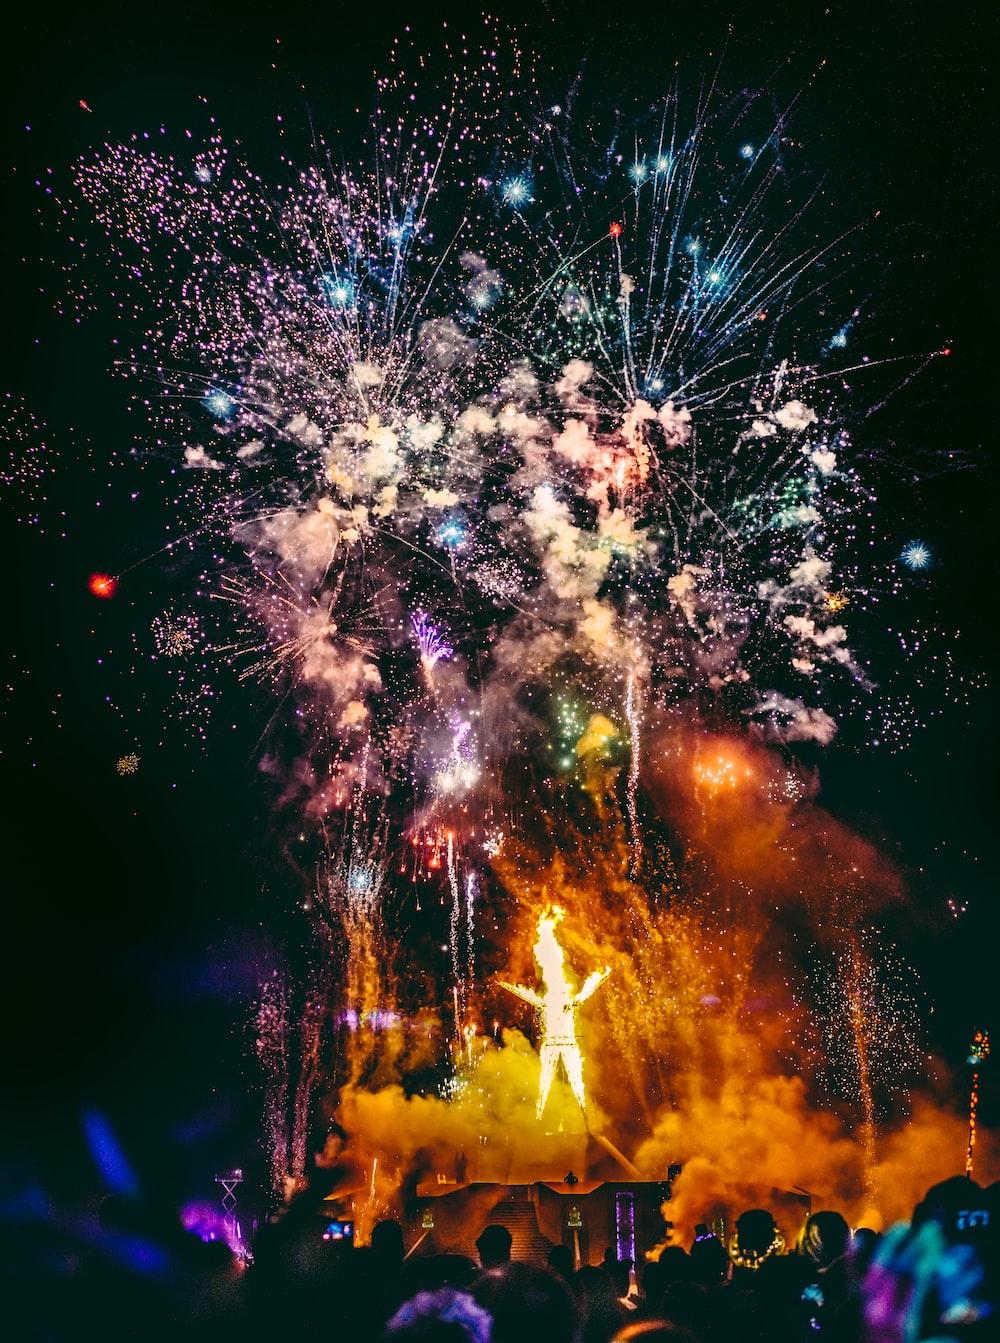 crowd of people watching fireworks display